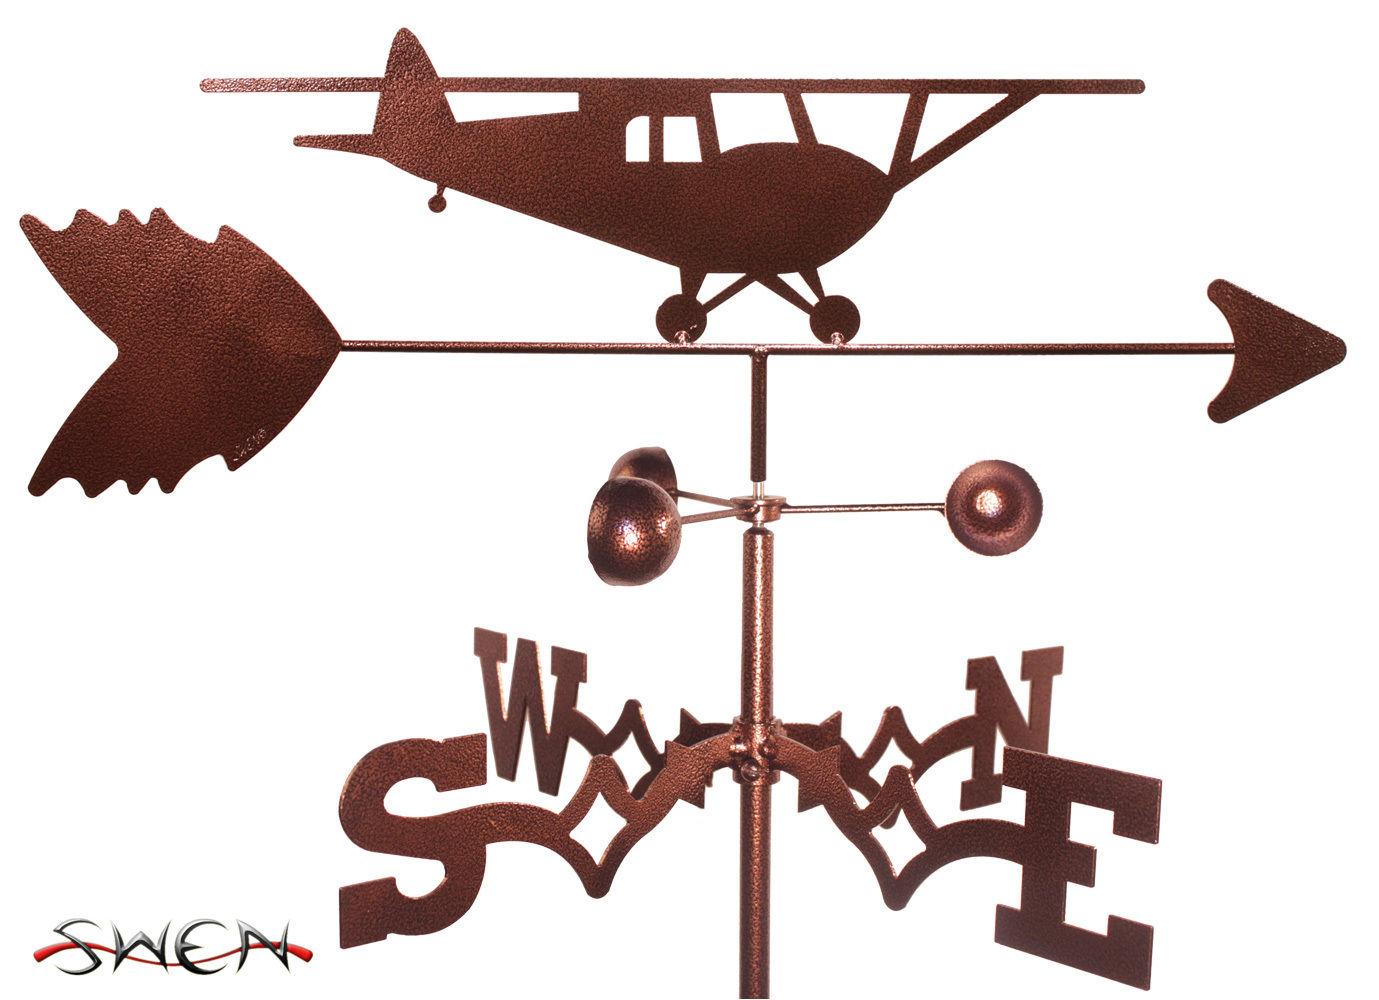 Swen Products Taildragger Airplane Plane Steel Weathervane Ebay